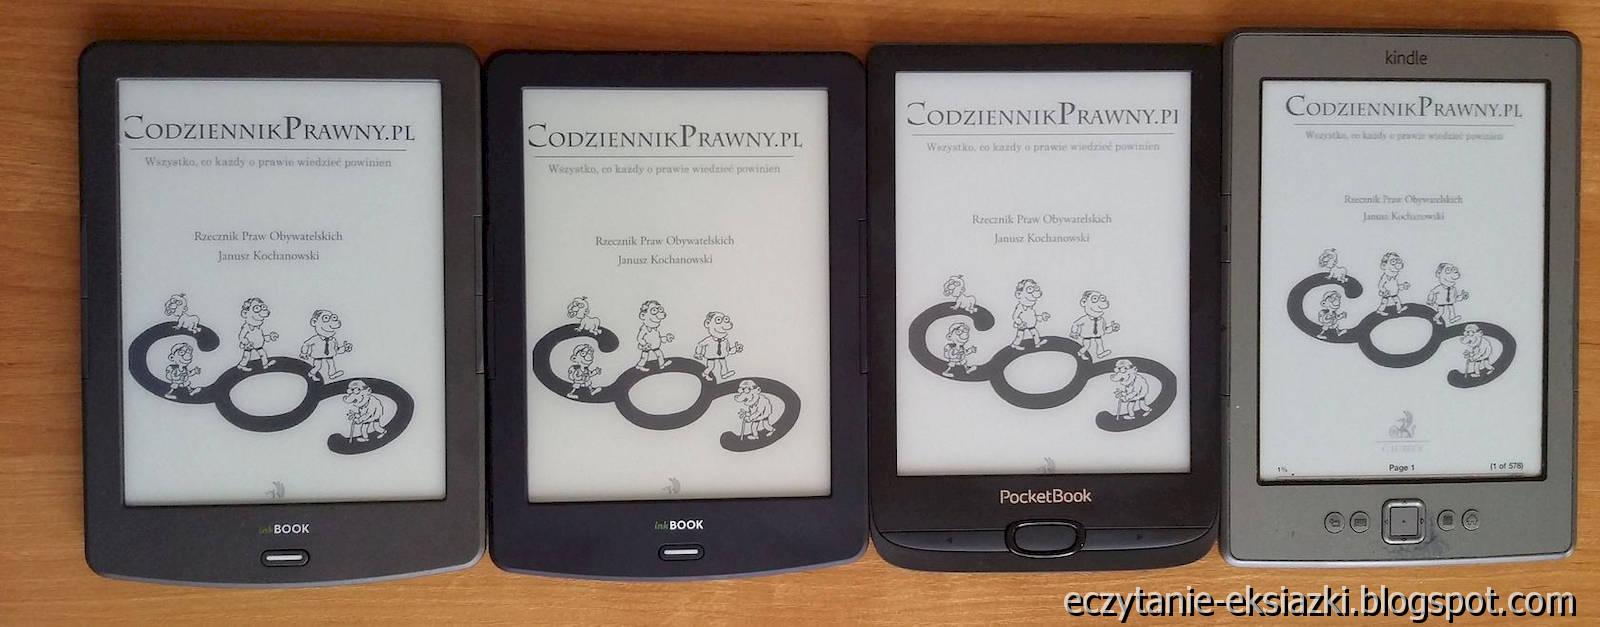 Porównanie ekranu – InkBOOK Classic 2, InkBOOK LUMOS i PocketBook Basic Lux 2